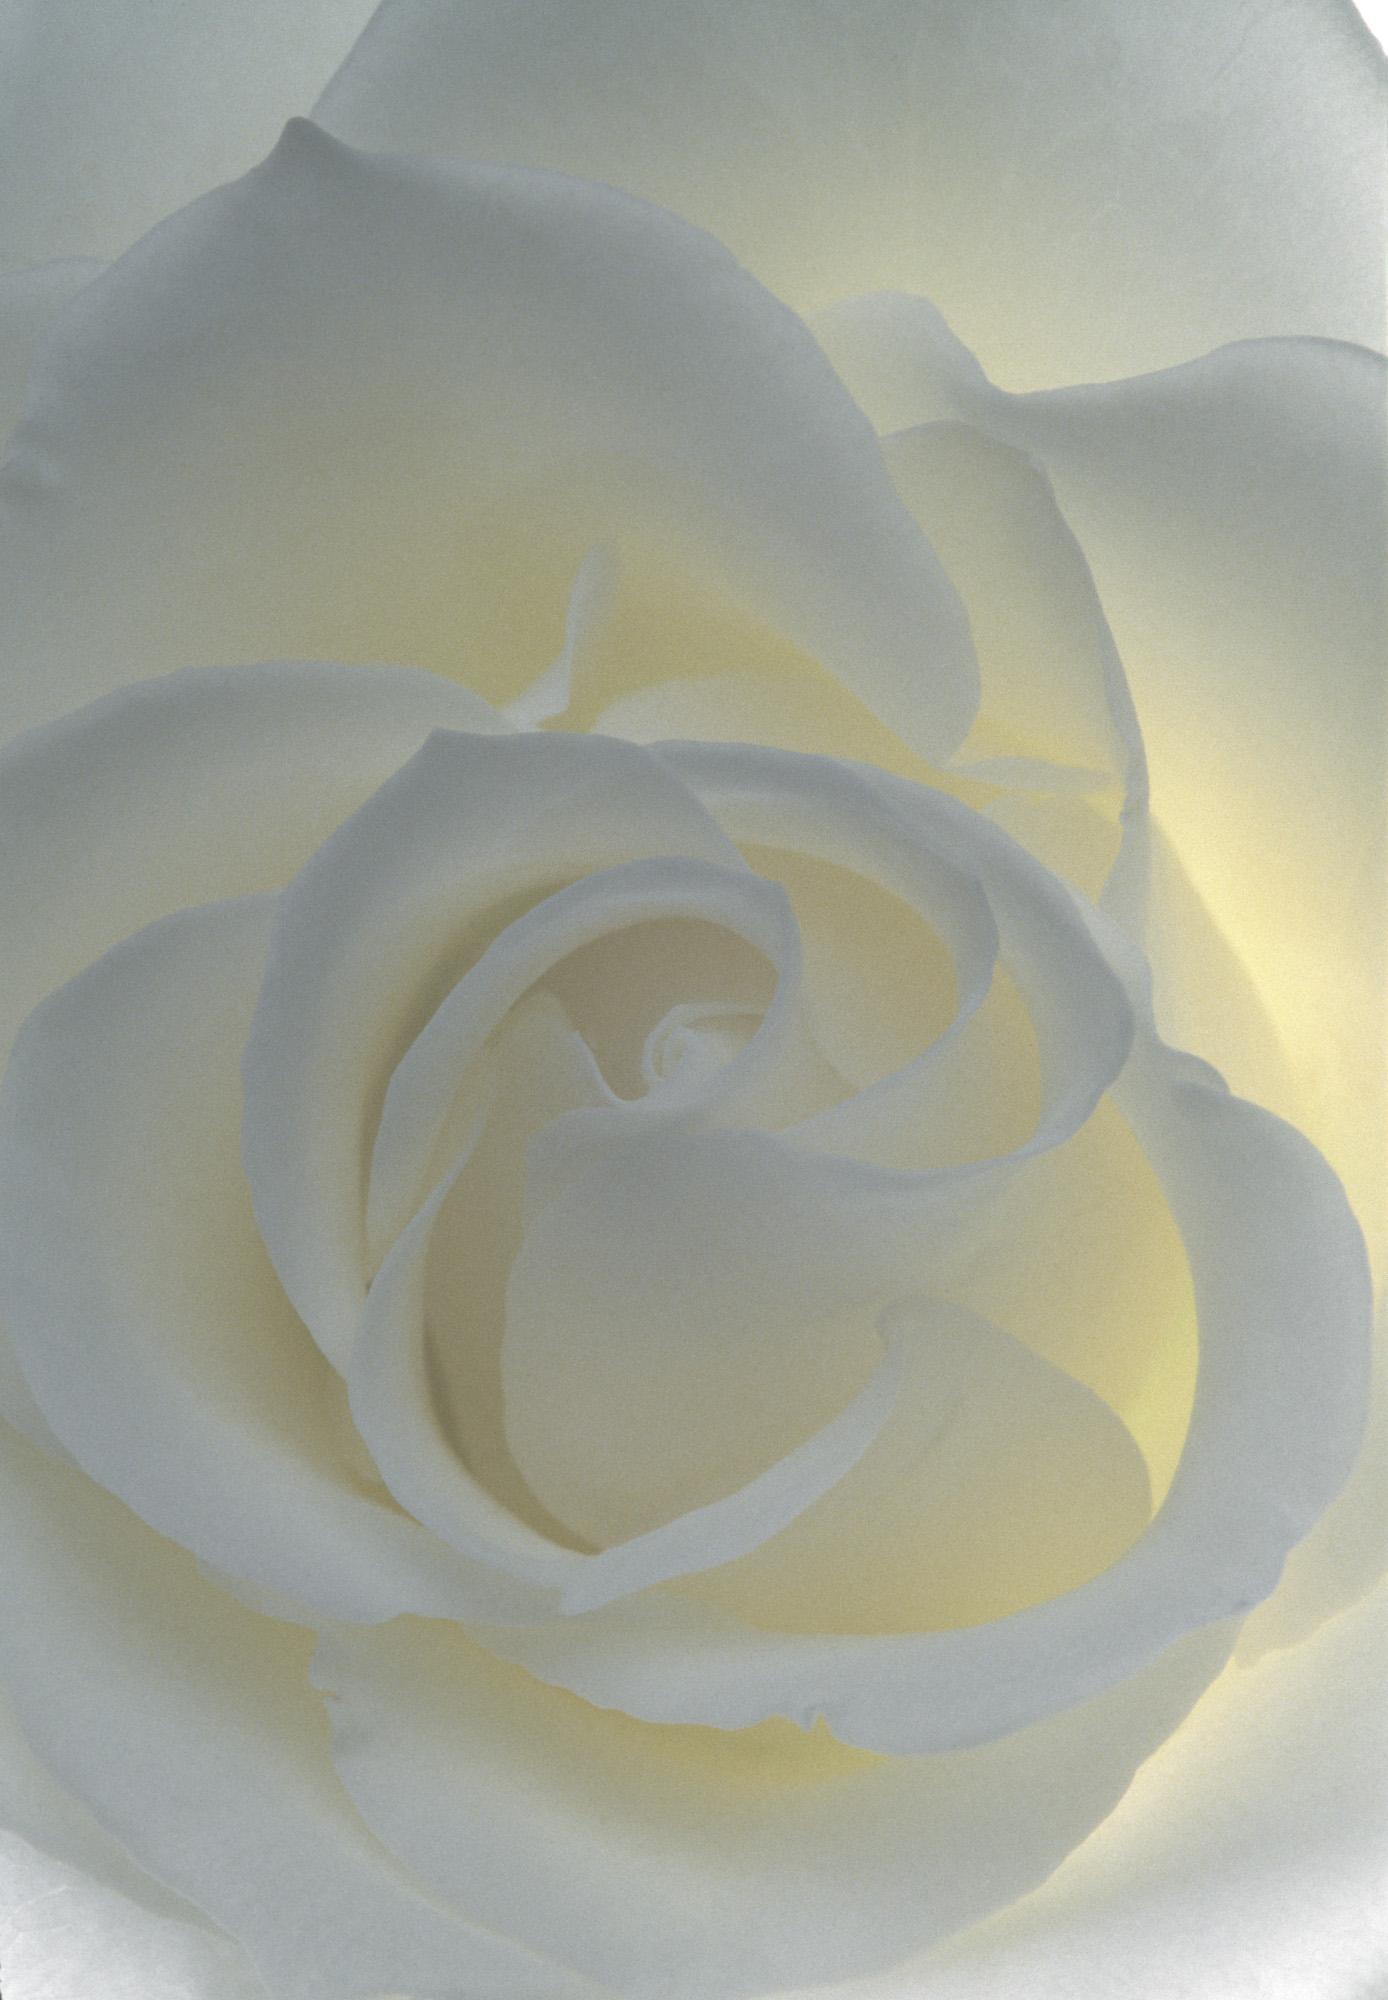 Blüte, Blüten, Pflanze, Pflanzen, Natur, Wachstum, Leben, Stempel, Blätter, Makrobereich, Makro, analog, Großformat, analoge Fotografie, weiss, Rose,